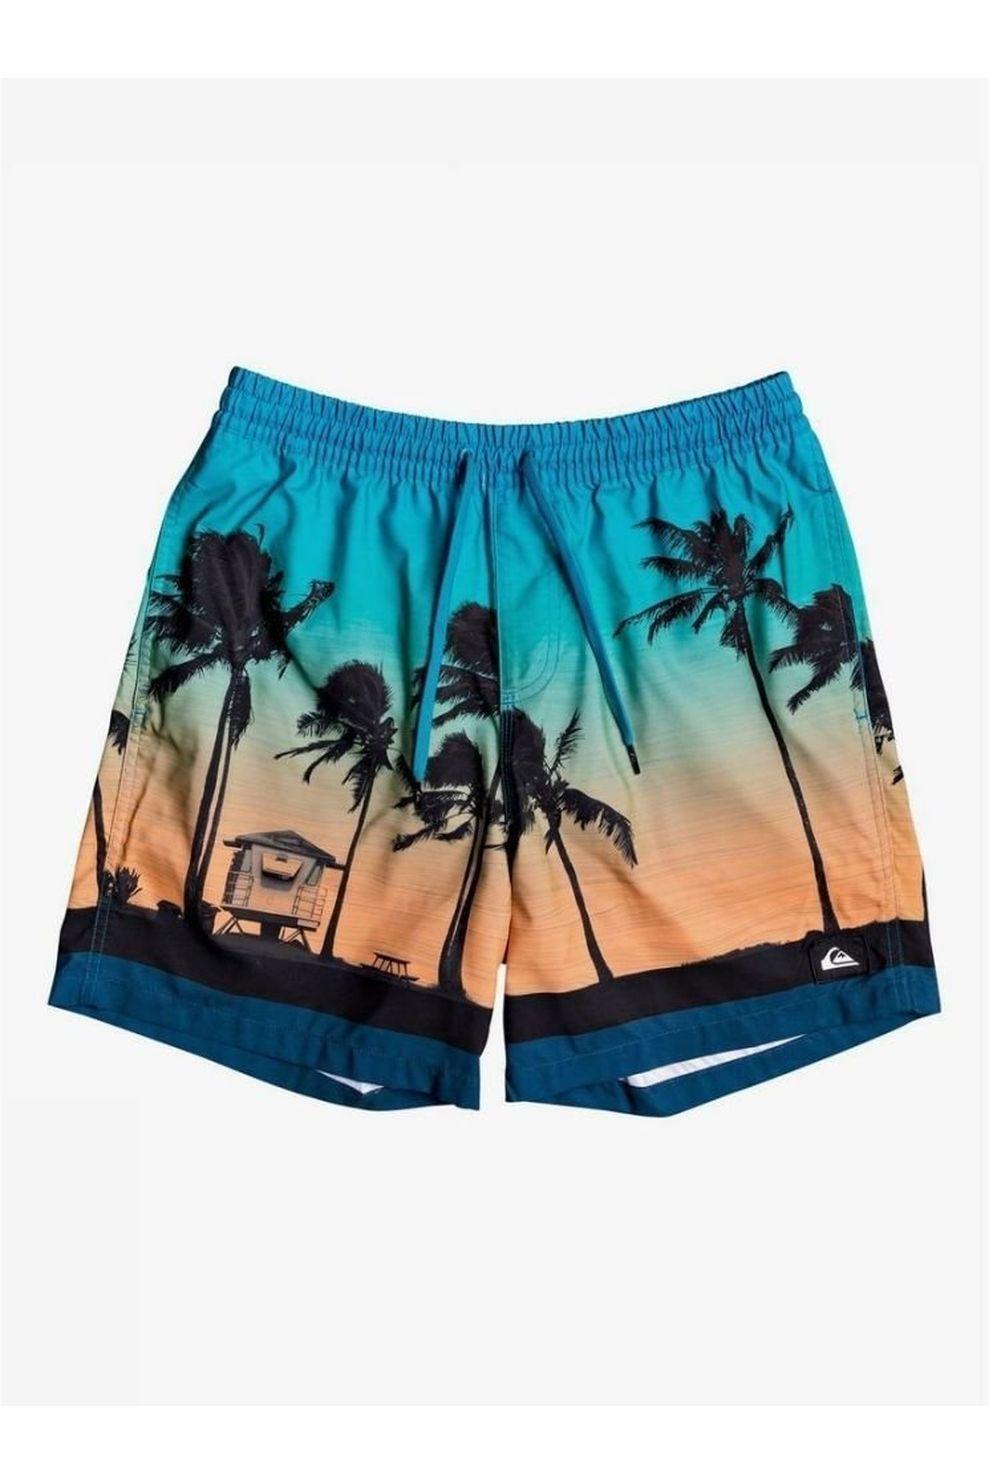 Quiksilver Zwemshort Paradise Volley 17 voor heren - Blauw - Maten: S, M